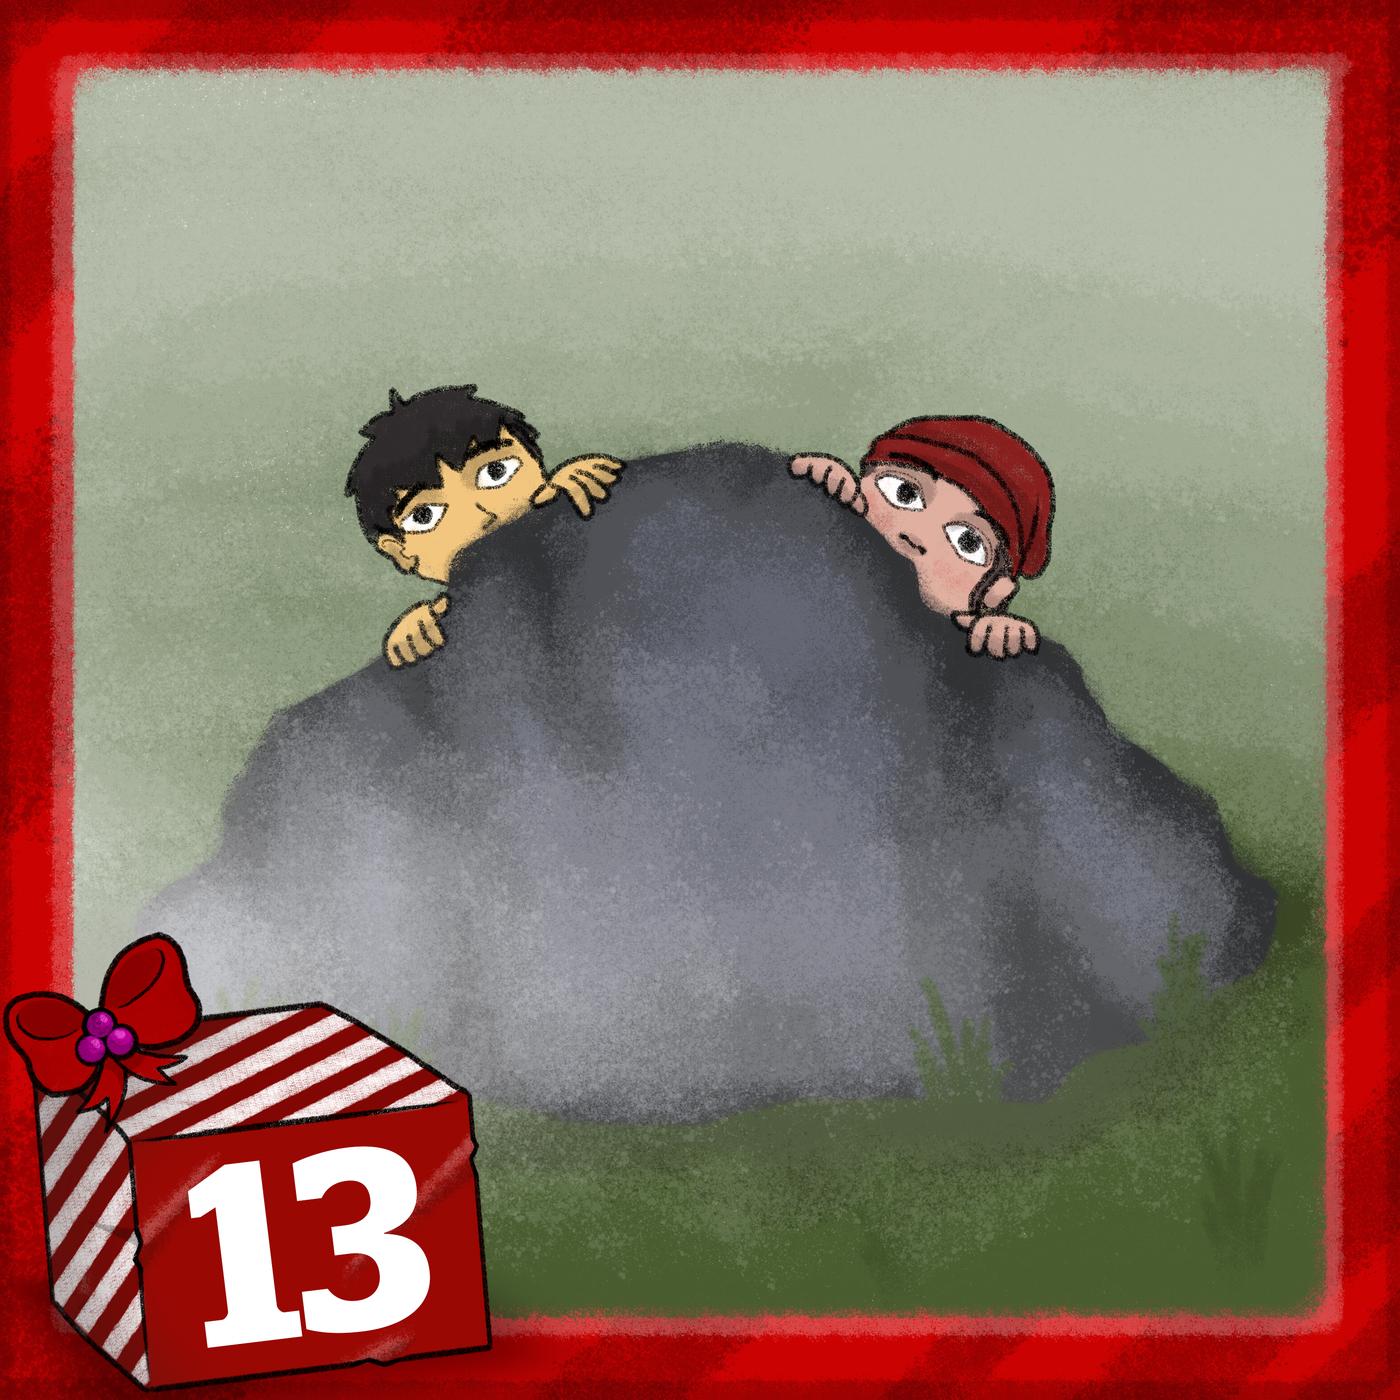 Julkalendern 2019 - Spåren i snön (Avsnitt 13) - Julkalender